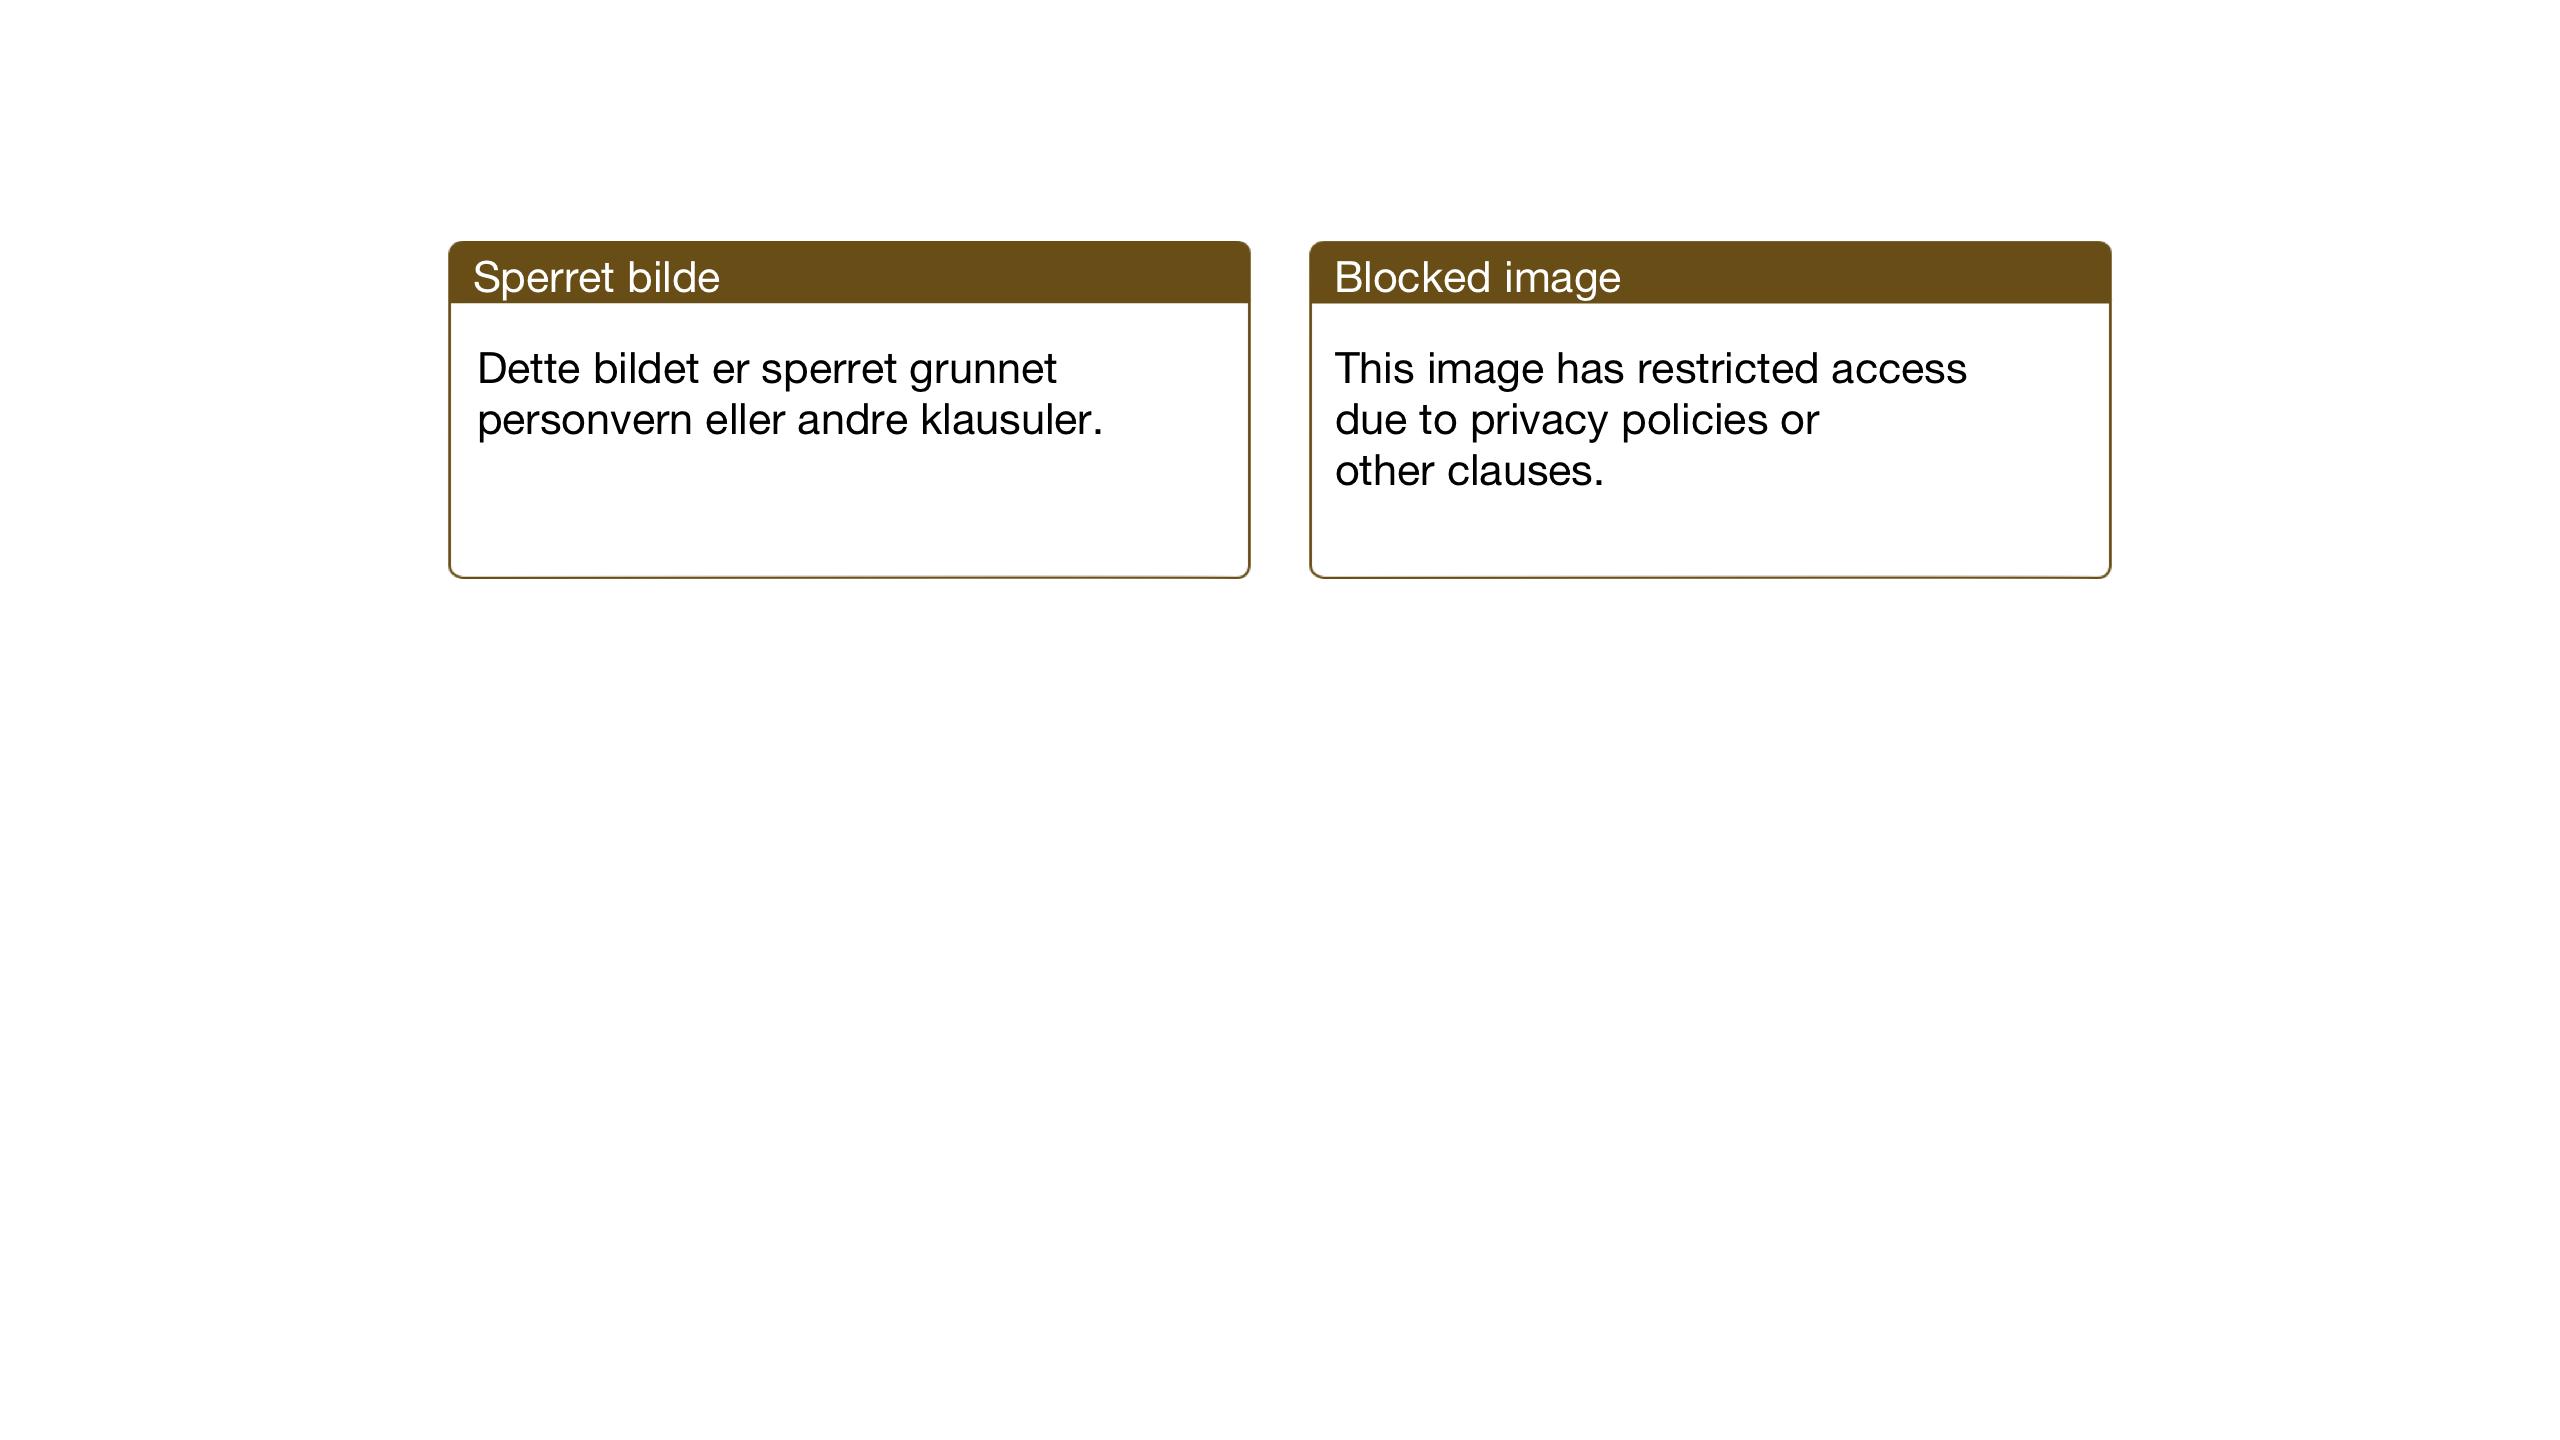 SAT, Ministerialprotokoller, klokkerbøker og fødselsregistre - Nord-Trøndelag, 709/L0089: Klokkerbok nr. 709C03, 1935-1948, s. 49